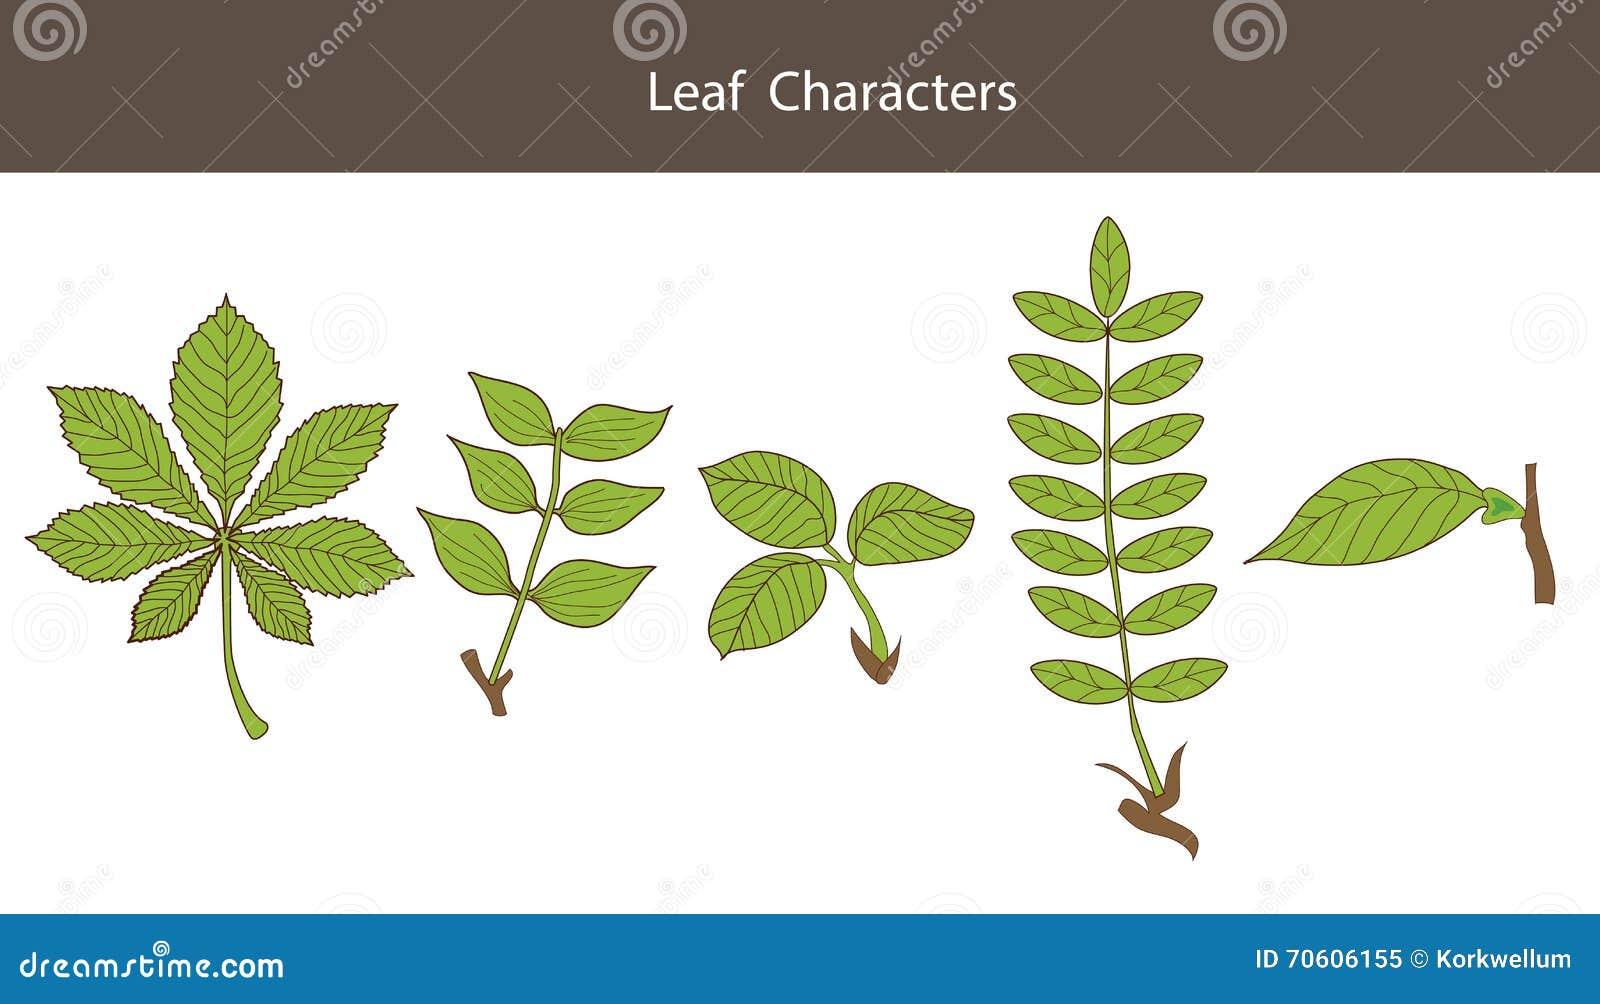 Maple Leaf PNG, SVG Clip art for Web - Download Clip Art ...